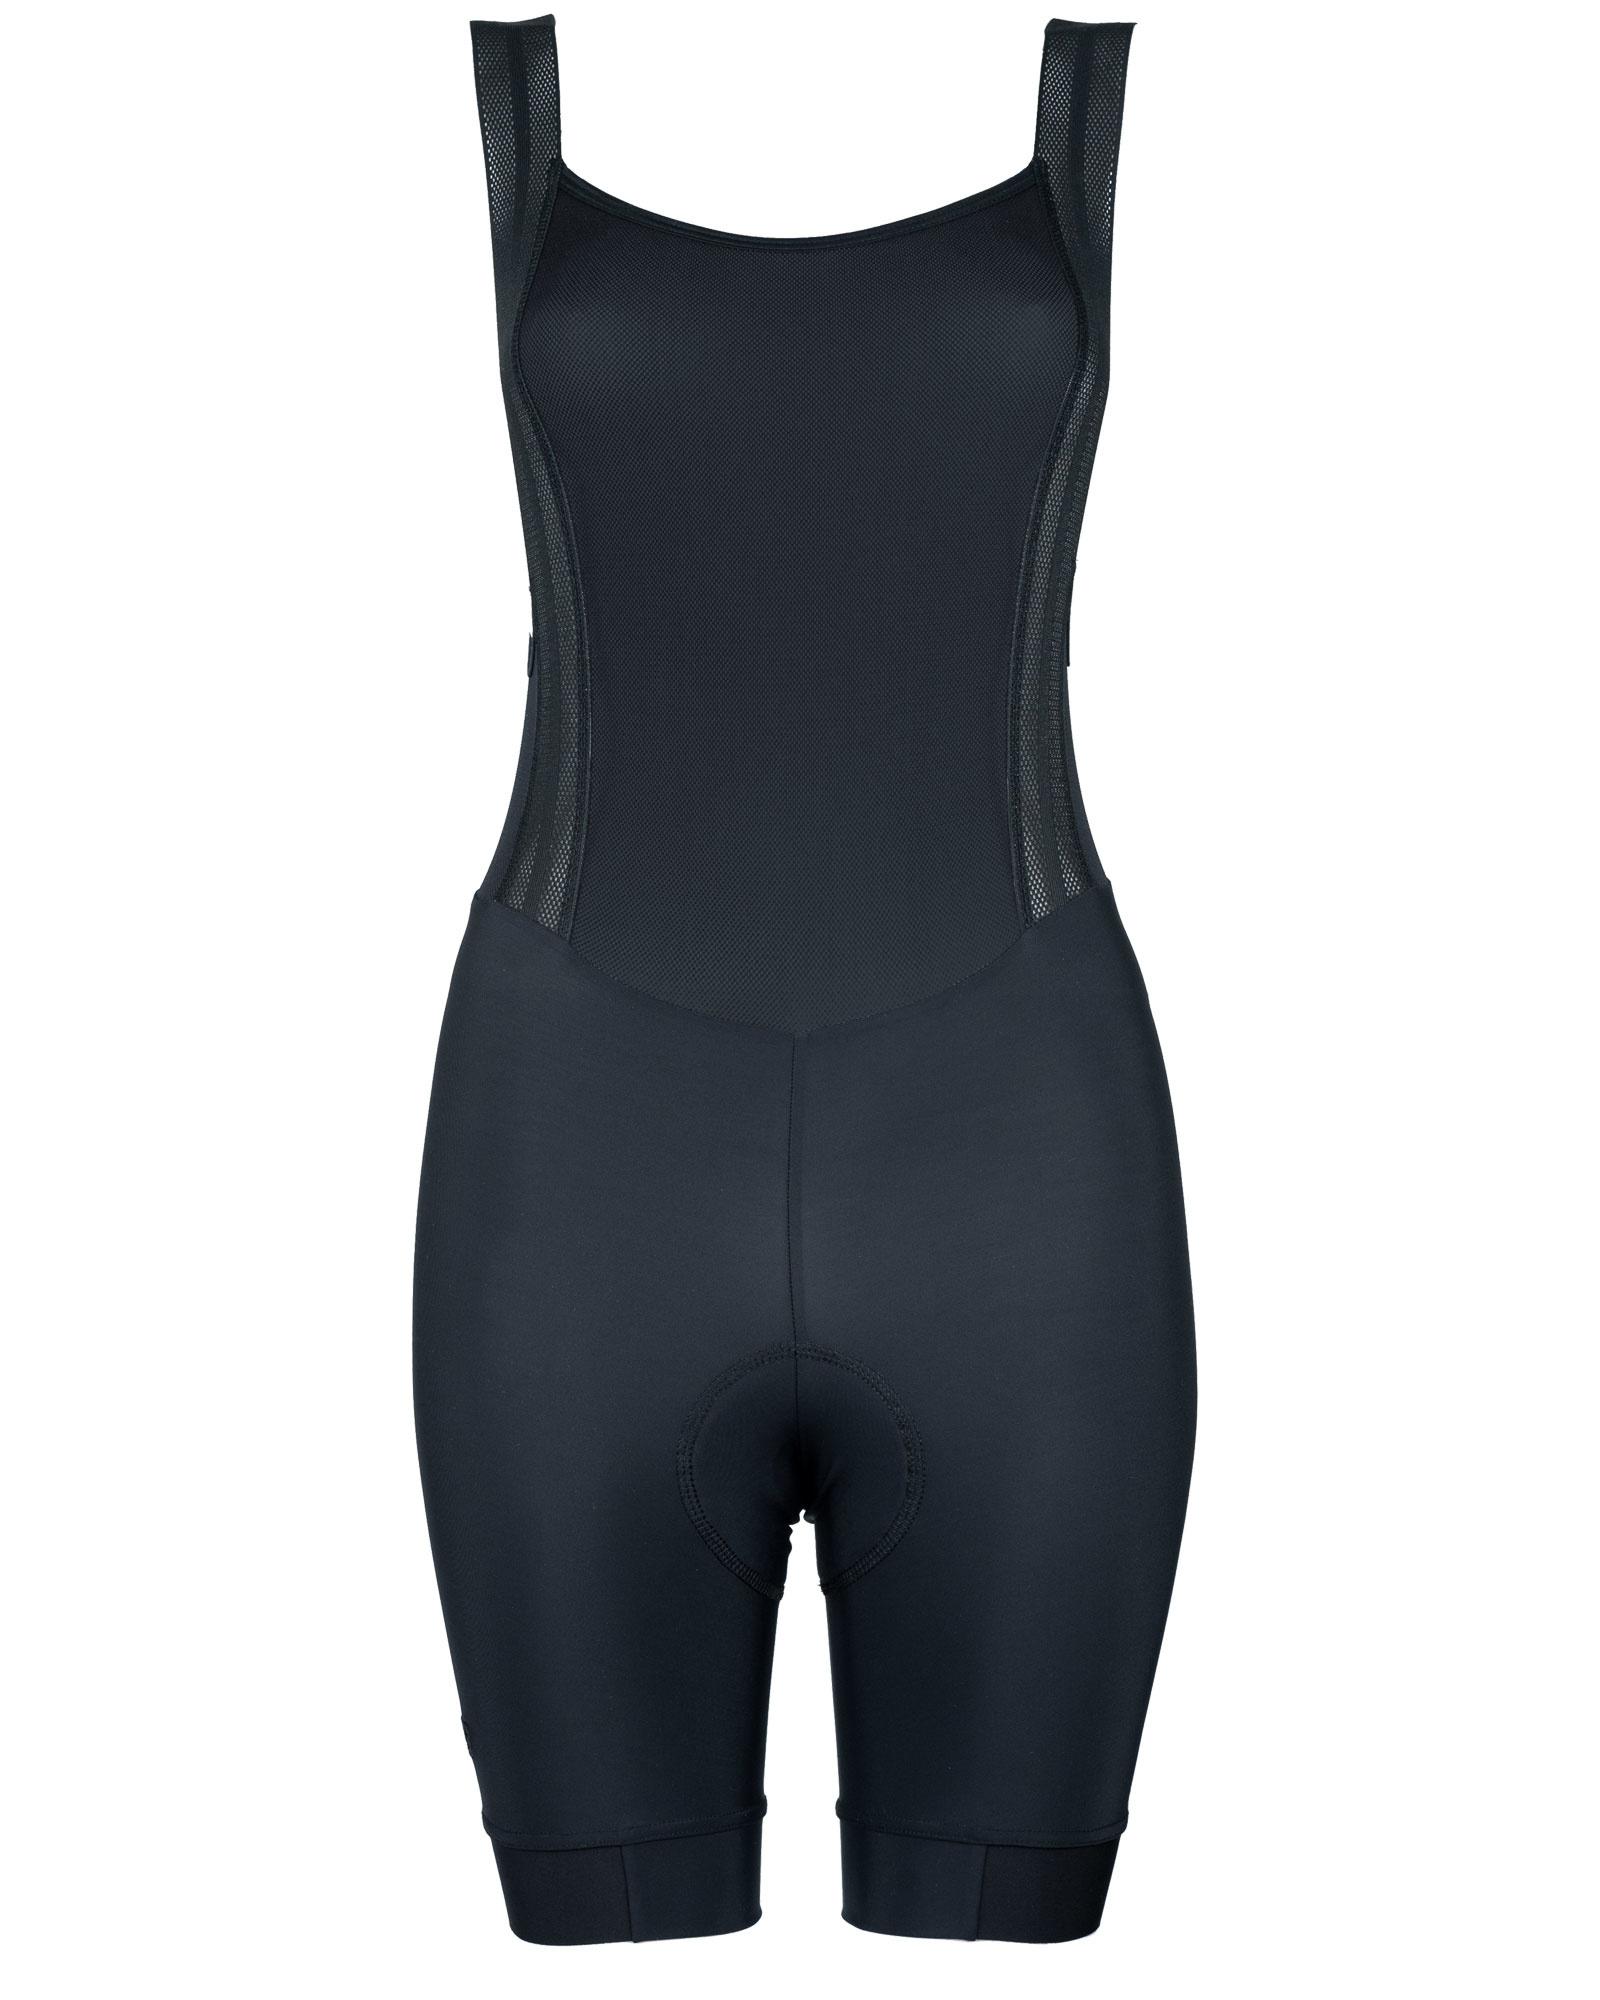 Women's Rouleur Bib Shorts | Black-1